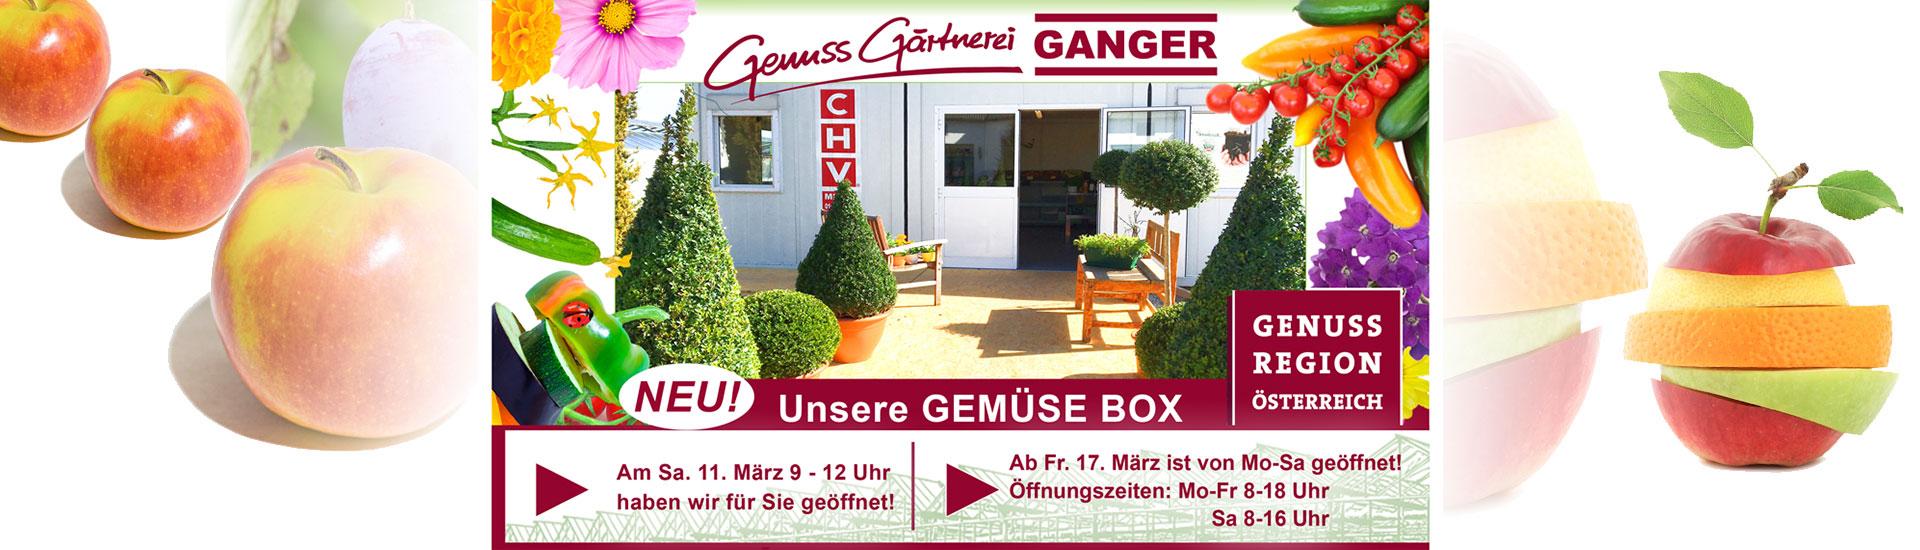 Gärtnerei Ganger | NEU! Unsere Gemüsebox!